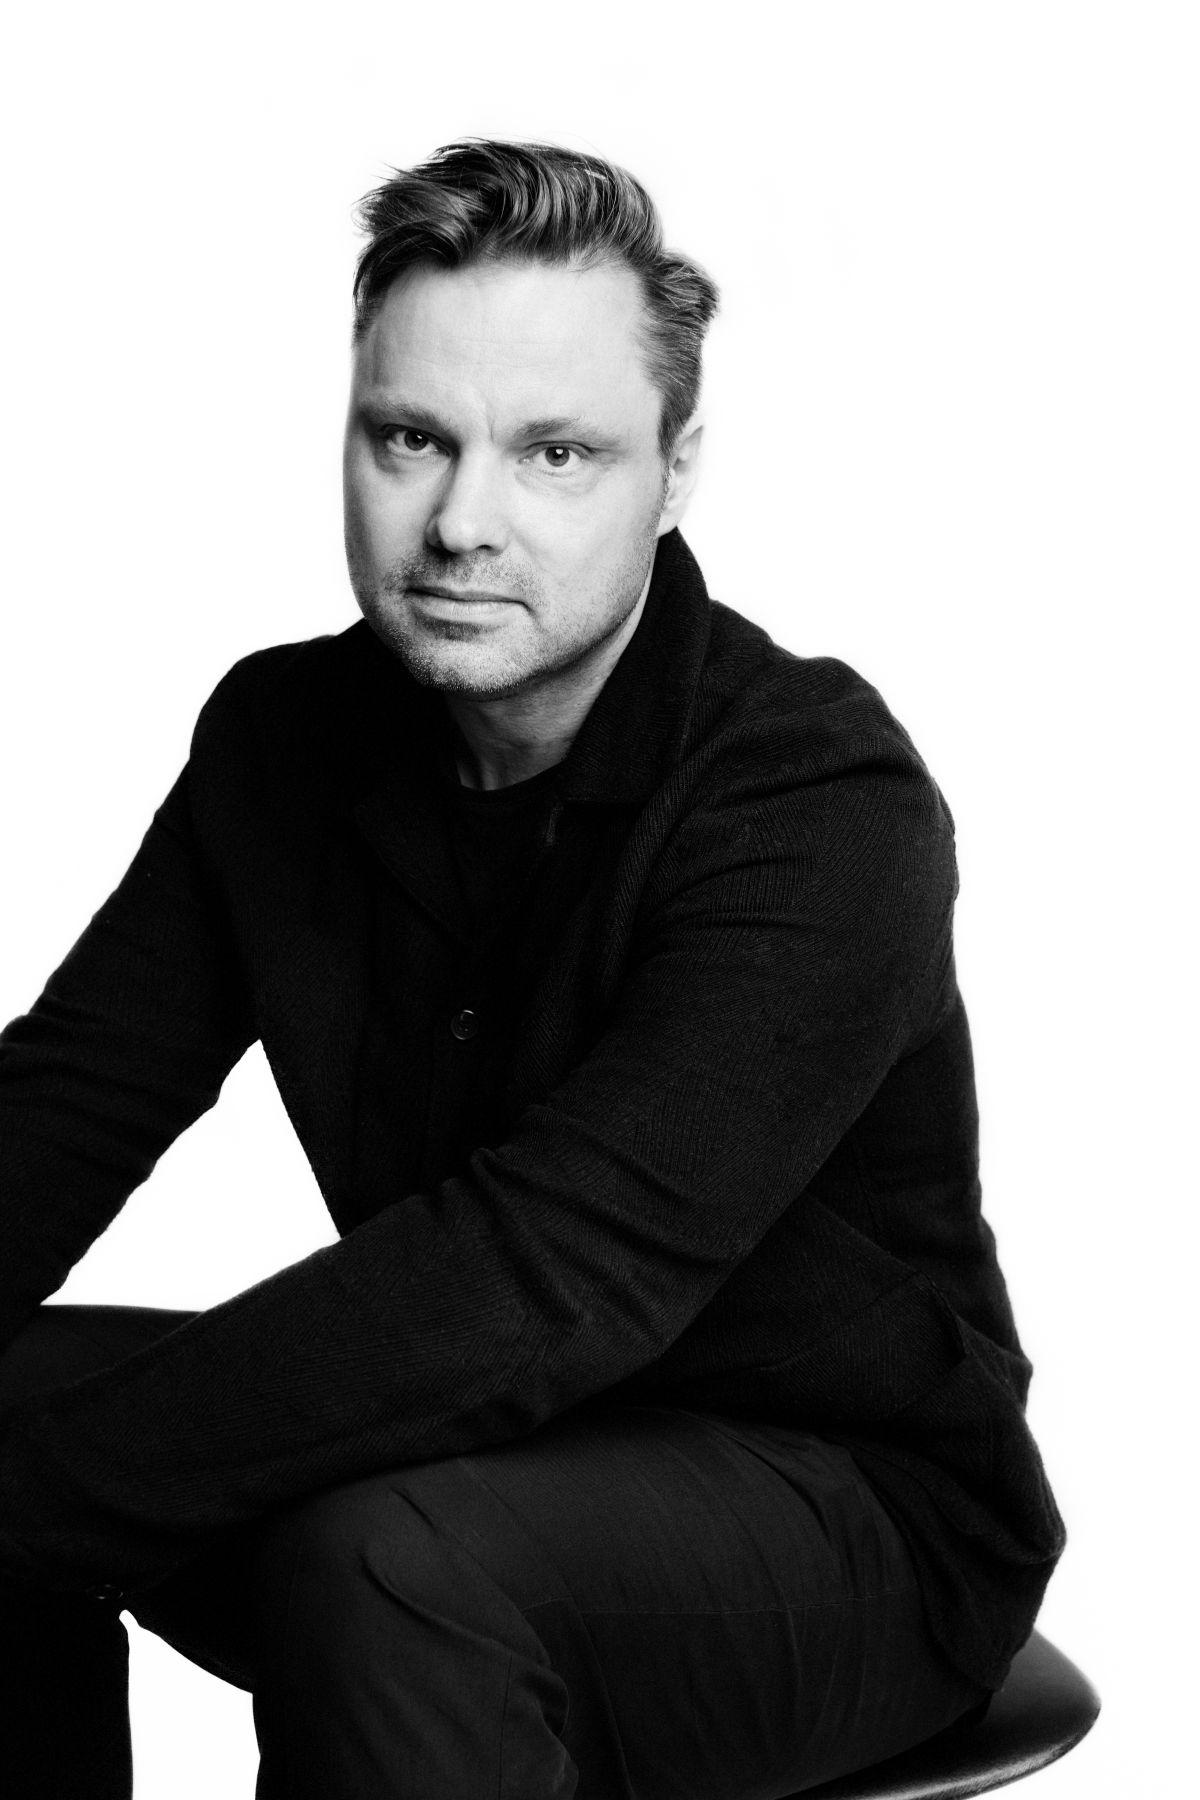 Formgivaren Matti Klenell